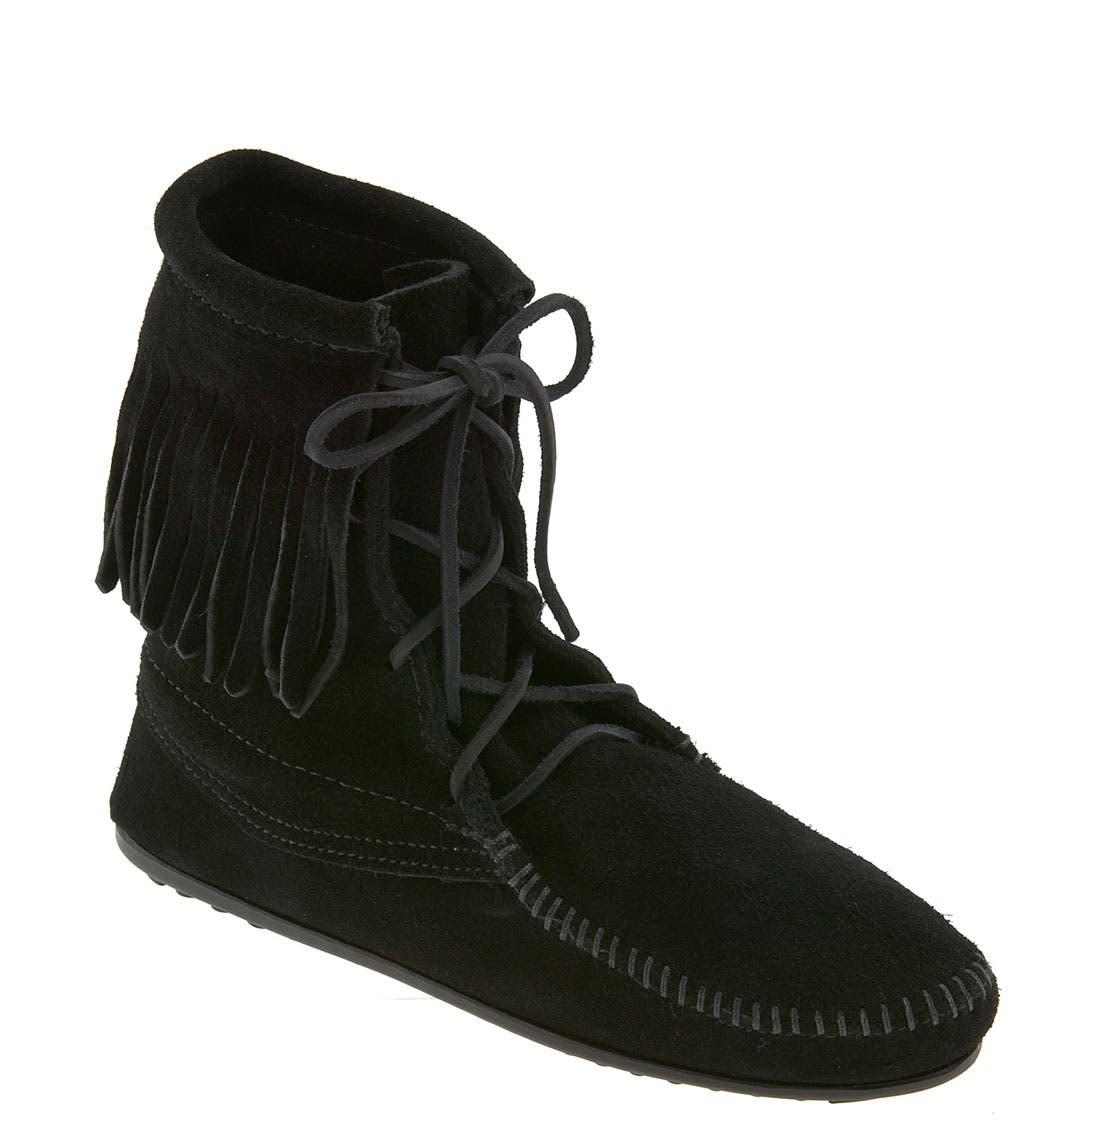 Minnetonka 'Tramper' Boot